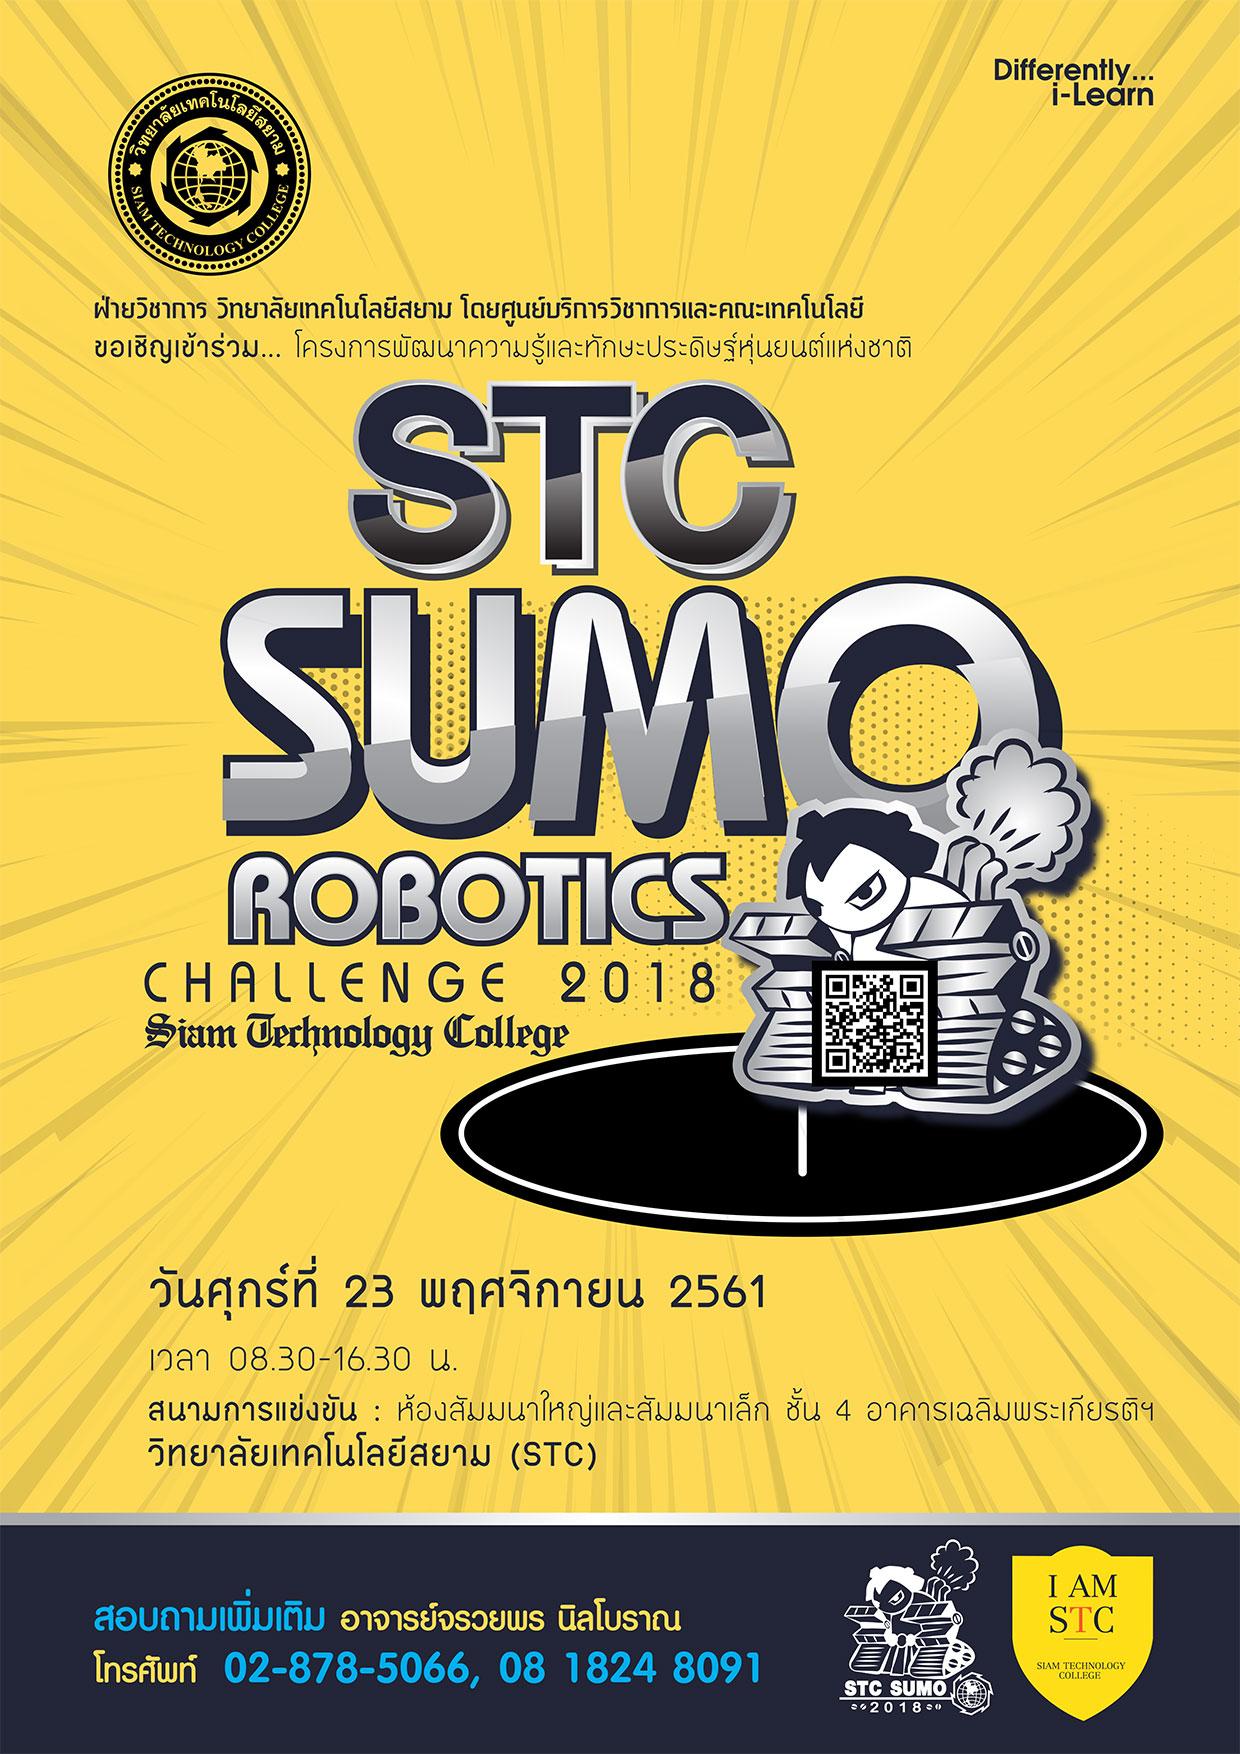 โครงการ พัฒนาความรู้และทักษะประดิษฐ์หุ่นยนต์แห่งชาติ อบรมเตรียมความพร้อมและแข่งขันหุ่นยนต์ซูโม่  วิทยาลัยเทคโนโลยีสยาม